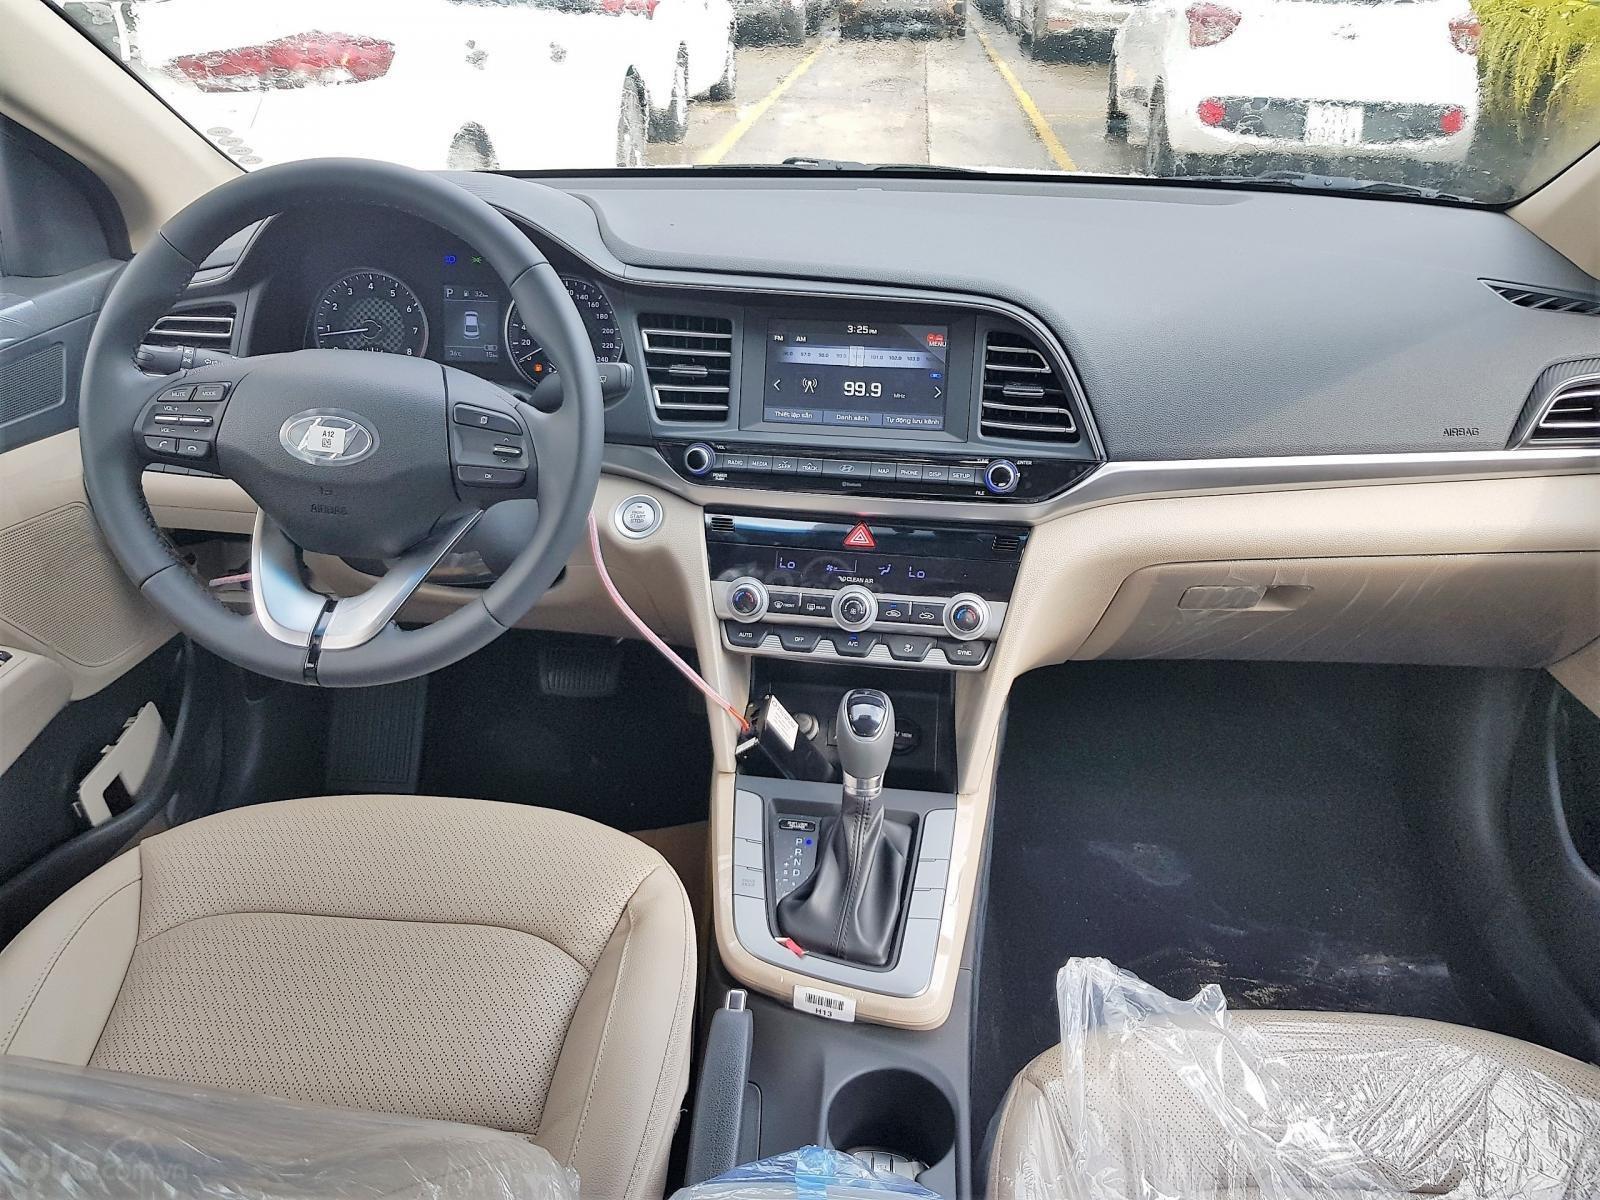 Hyundai Elantra Facelift 2019, có sẵn giao ngay, nhận ưu đãi trong 24h, LH: 0971626238 (7)